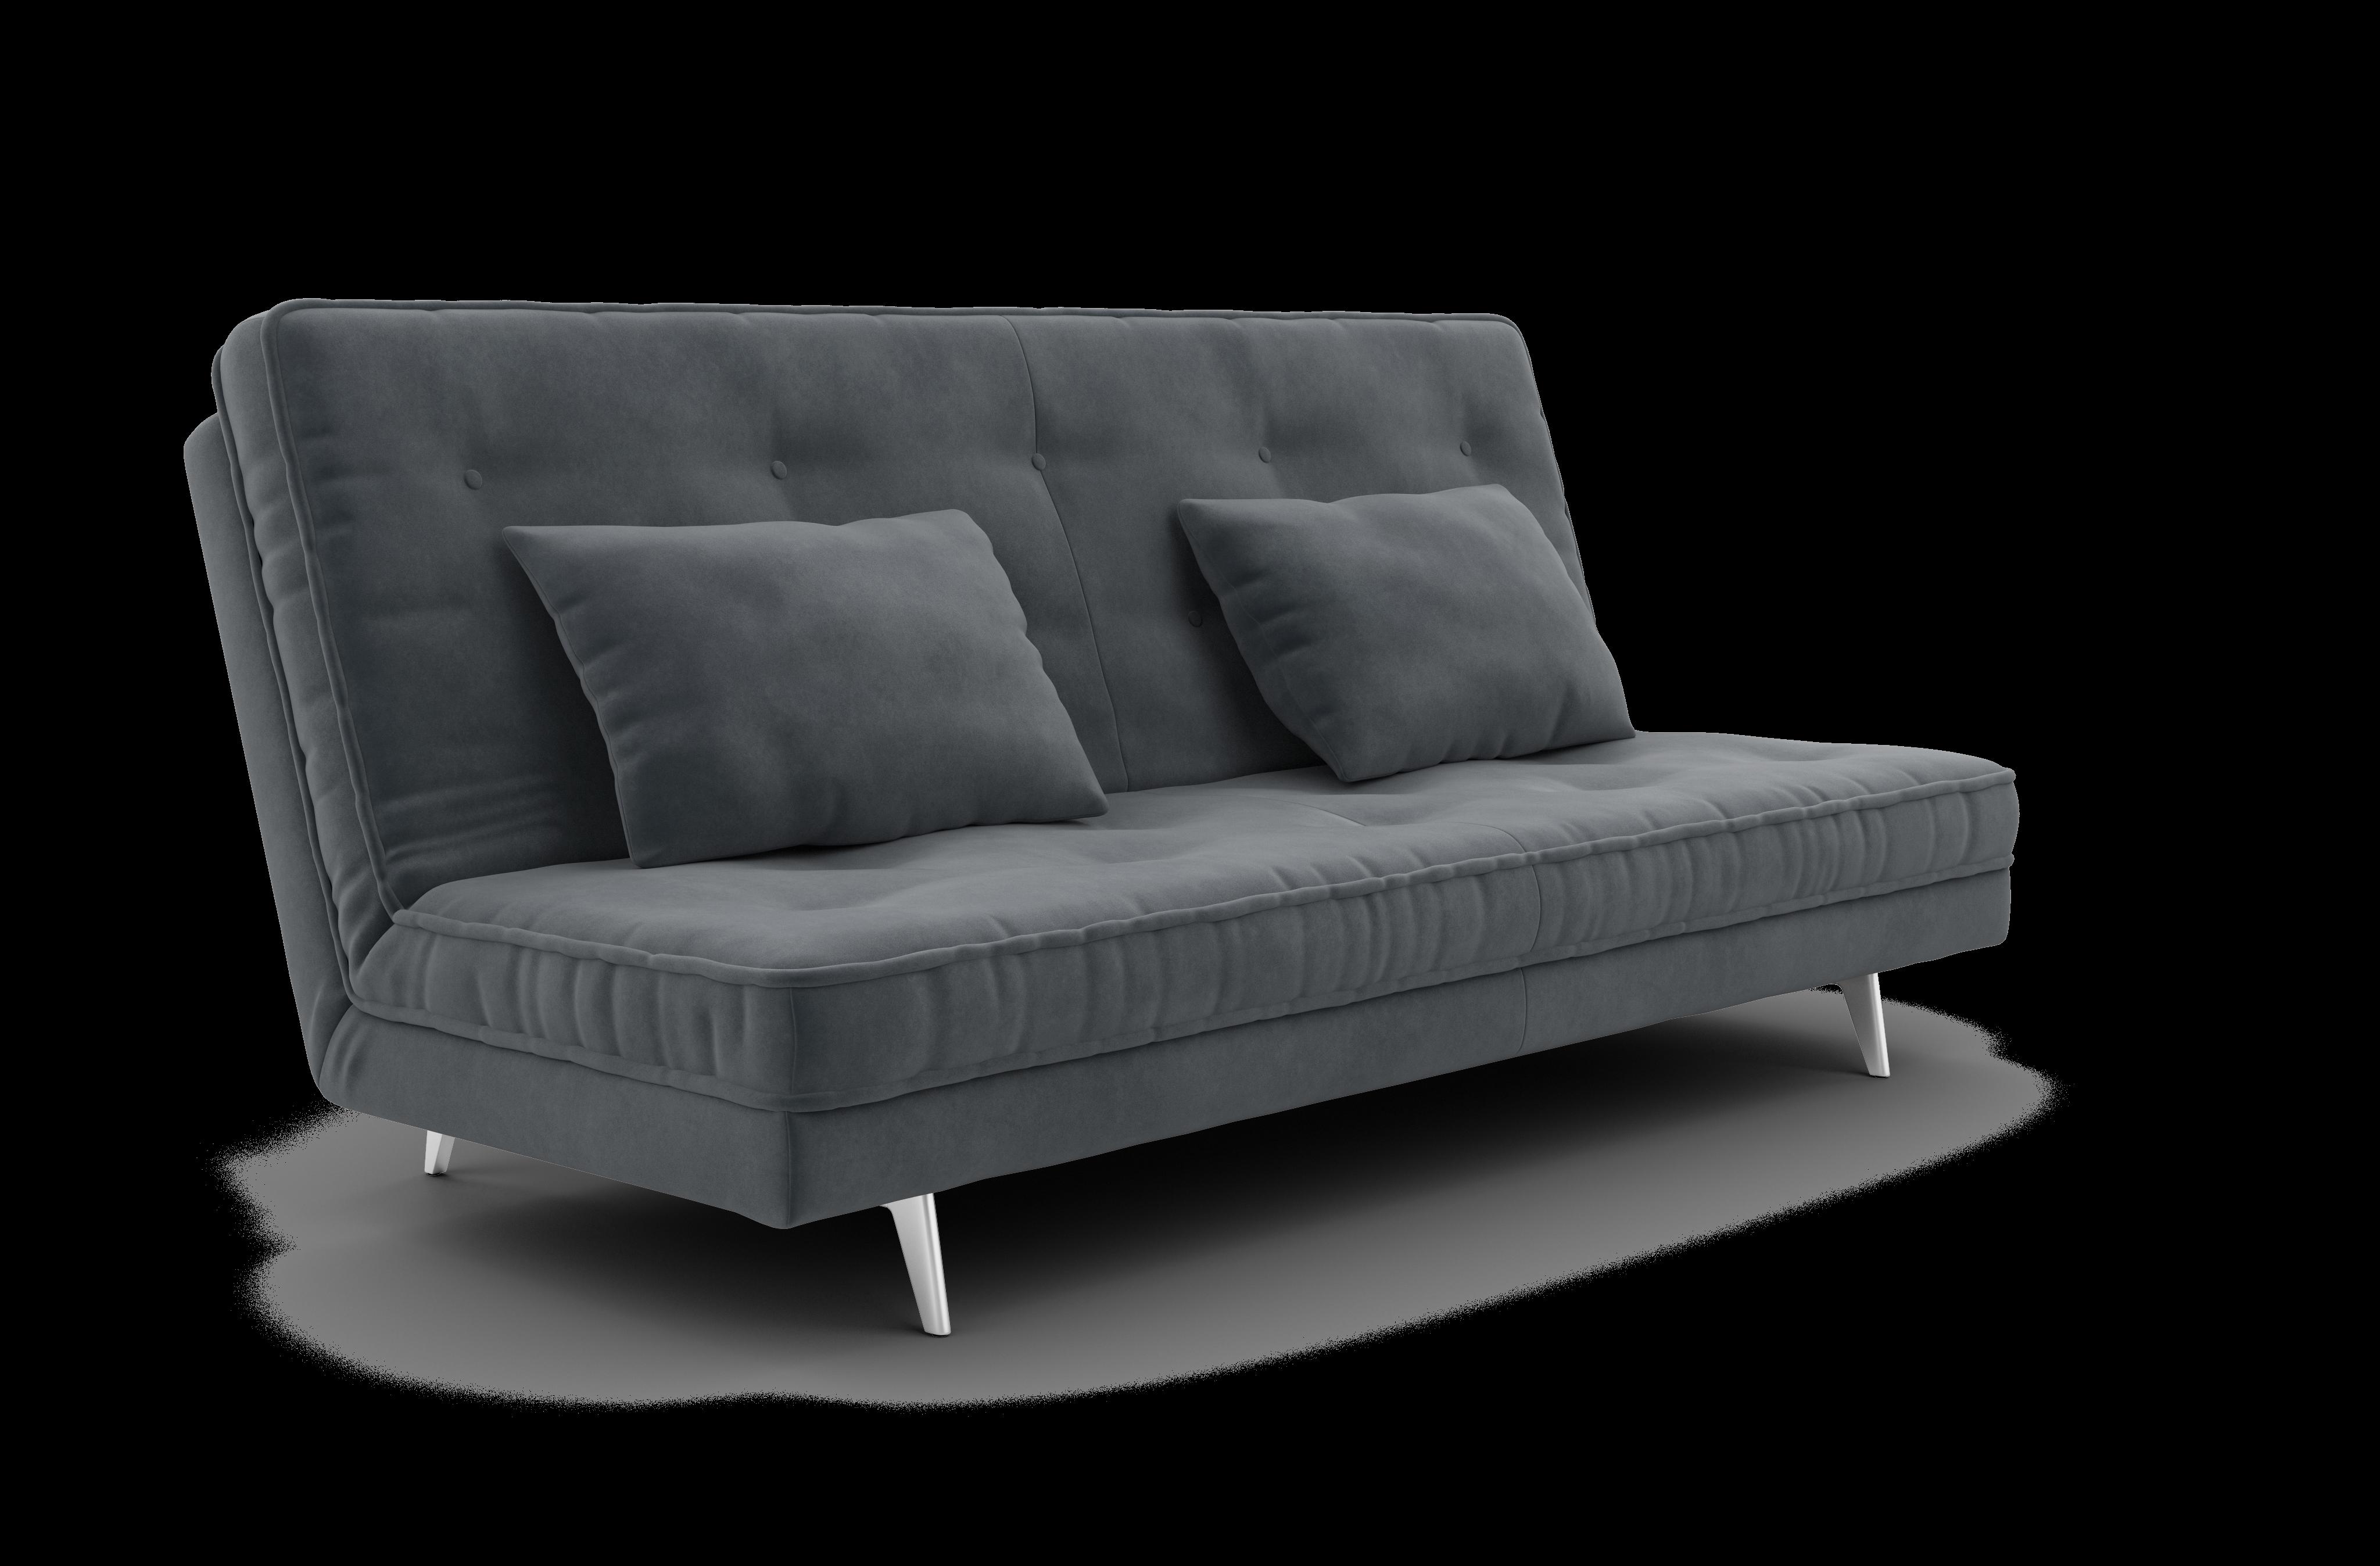 ligne roset n rnberg nomade express. Black Bedroom Furniture Sets. Home Design Ideas